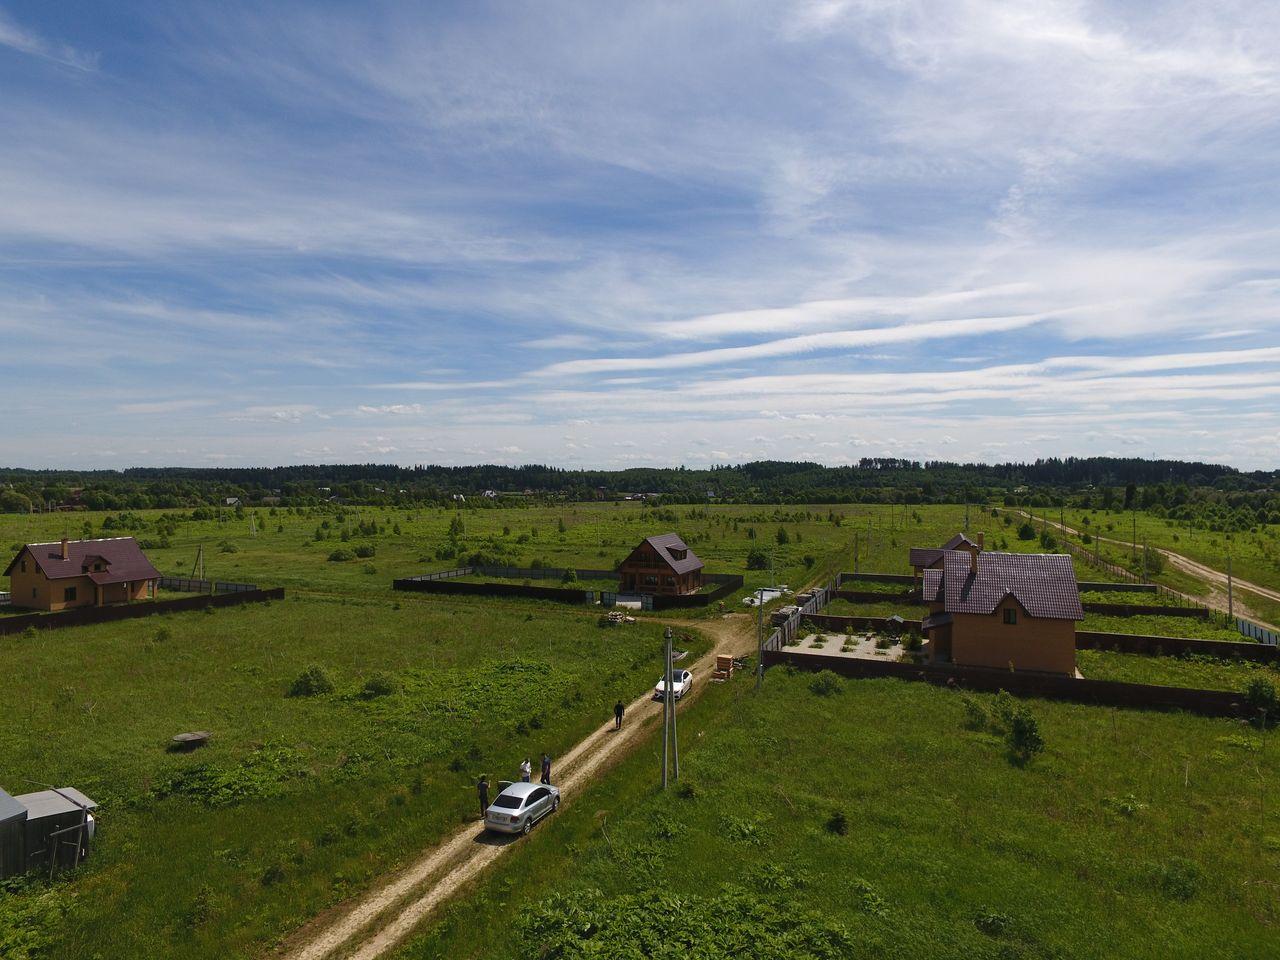 Участок для дачного строительства в Федотово - Изображение 3